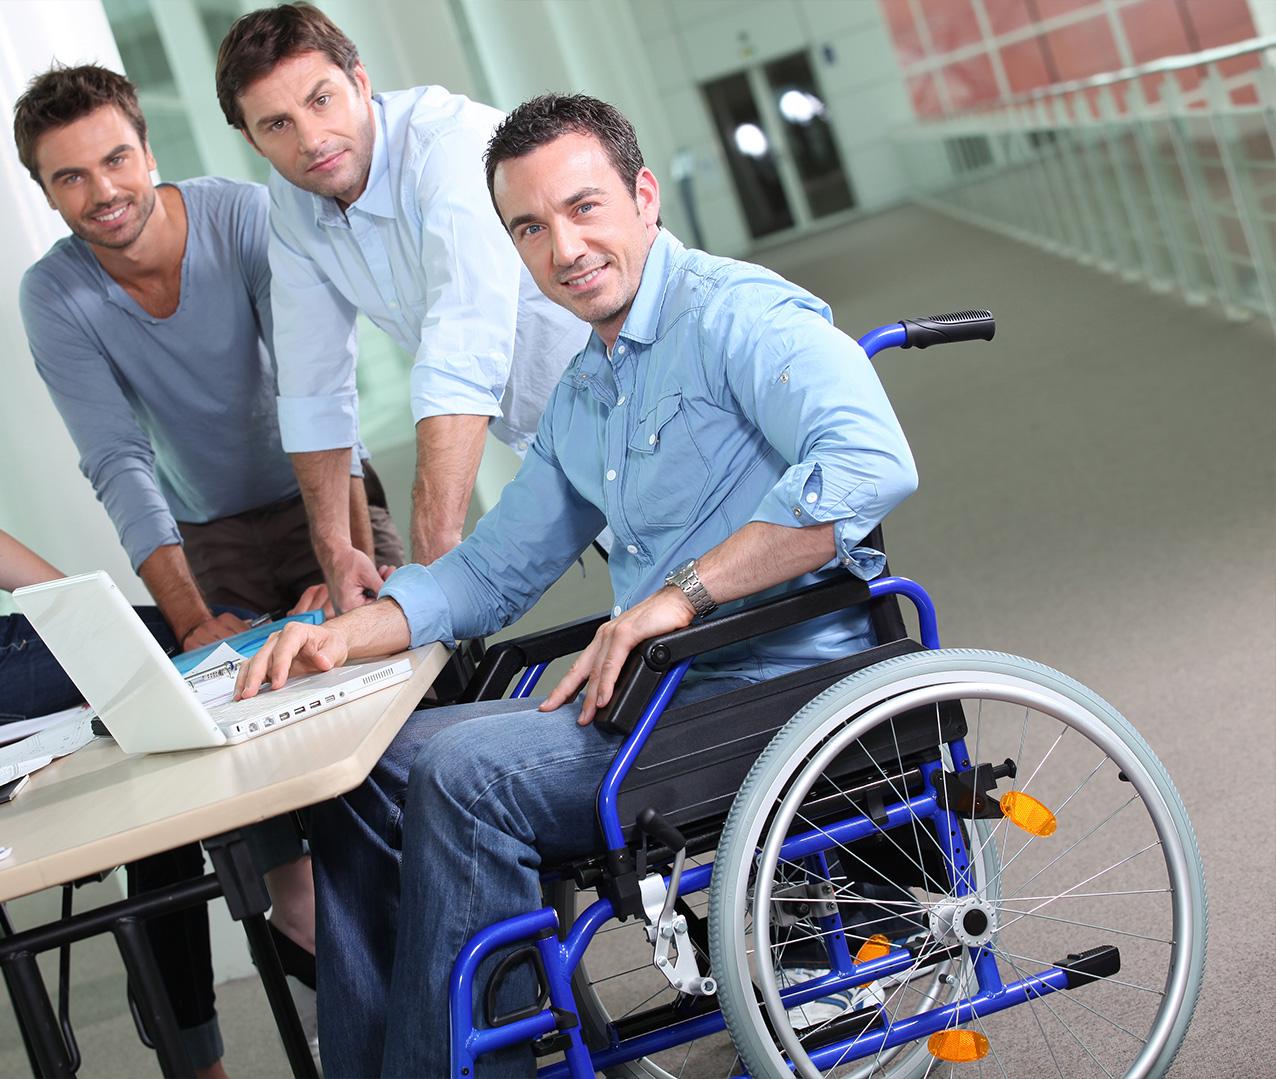 Revisión de caso práctico: inclusión laboral | Insigni.cl